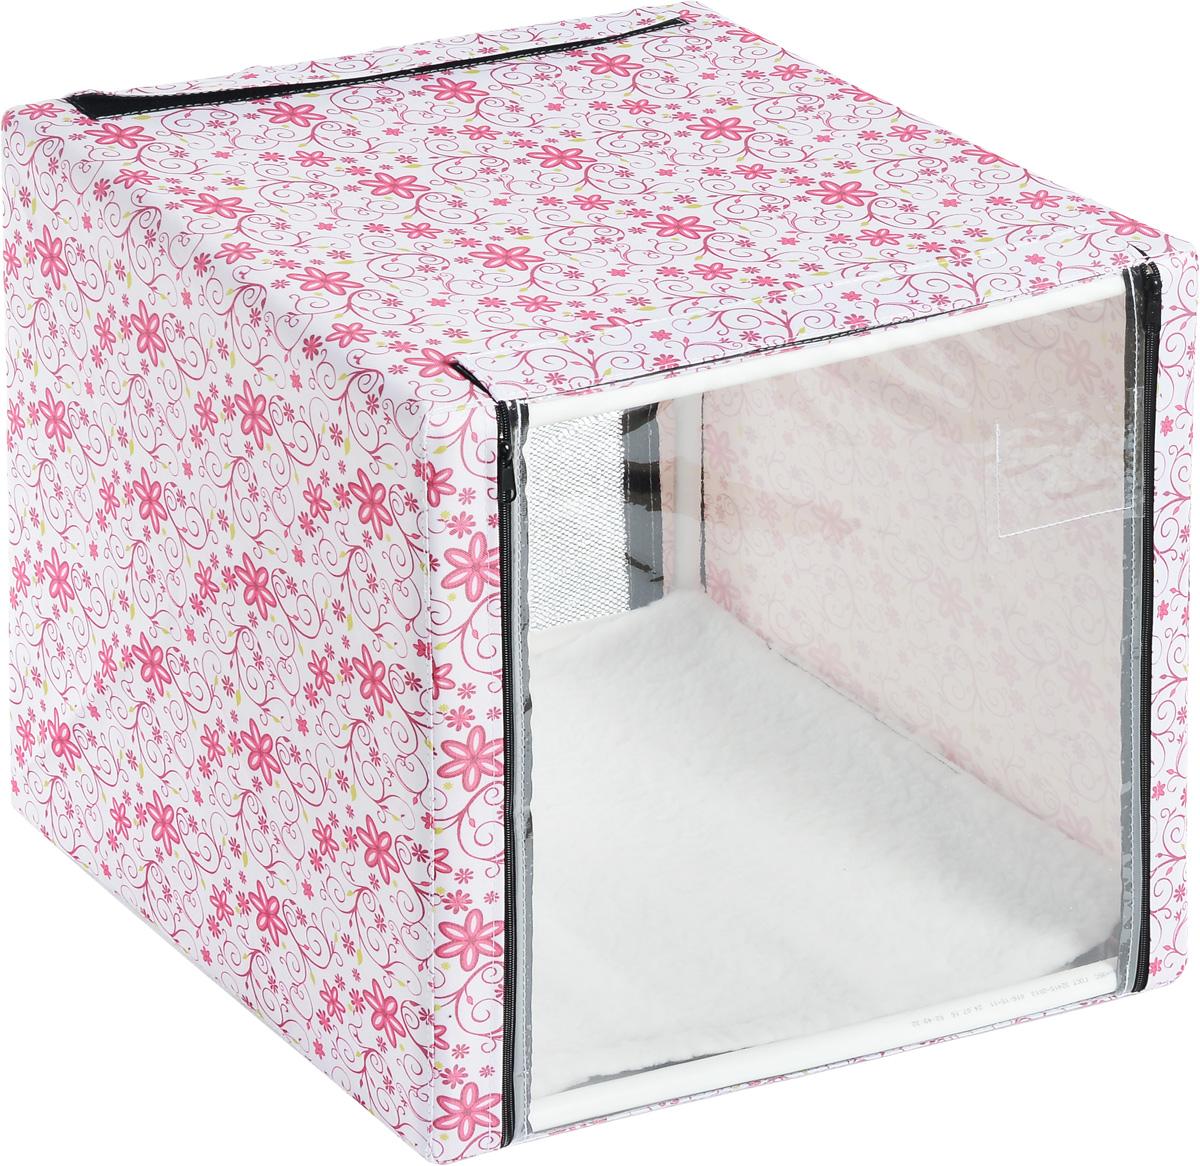 Клетка для животных Elite Valley, выставочная, цвет: белый, розовый, зеленый, 56 х 56 х 56 см. К-10/1К-10/1_цветы на беломКлетка Elite Valley предназначена для показа кошек и собак на выставках. Она выполнена из плотного текстиля, каркас - пластиковые трубки. Клетка оснащена съемной сеткой. Внутри имеется мягкая подстилка, выполненная из искусственного меха. Прозрачную пленку можно прикрыть шторкой. Боковые стенки закрываются на замки-молнии. Палатка быстро собирается и разбирается. В комплекте сумка-чехол для удобной транспортировки.